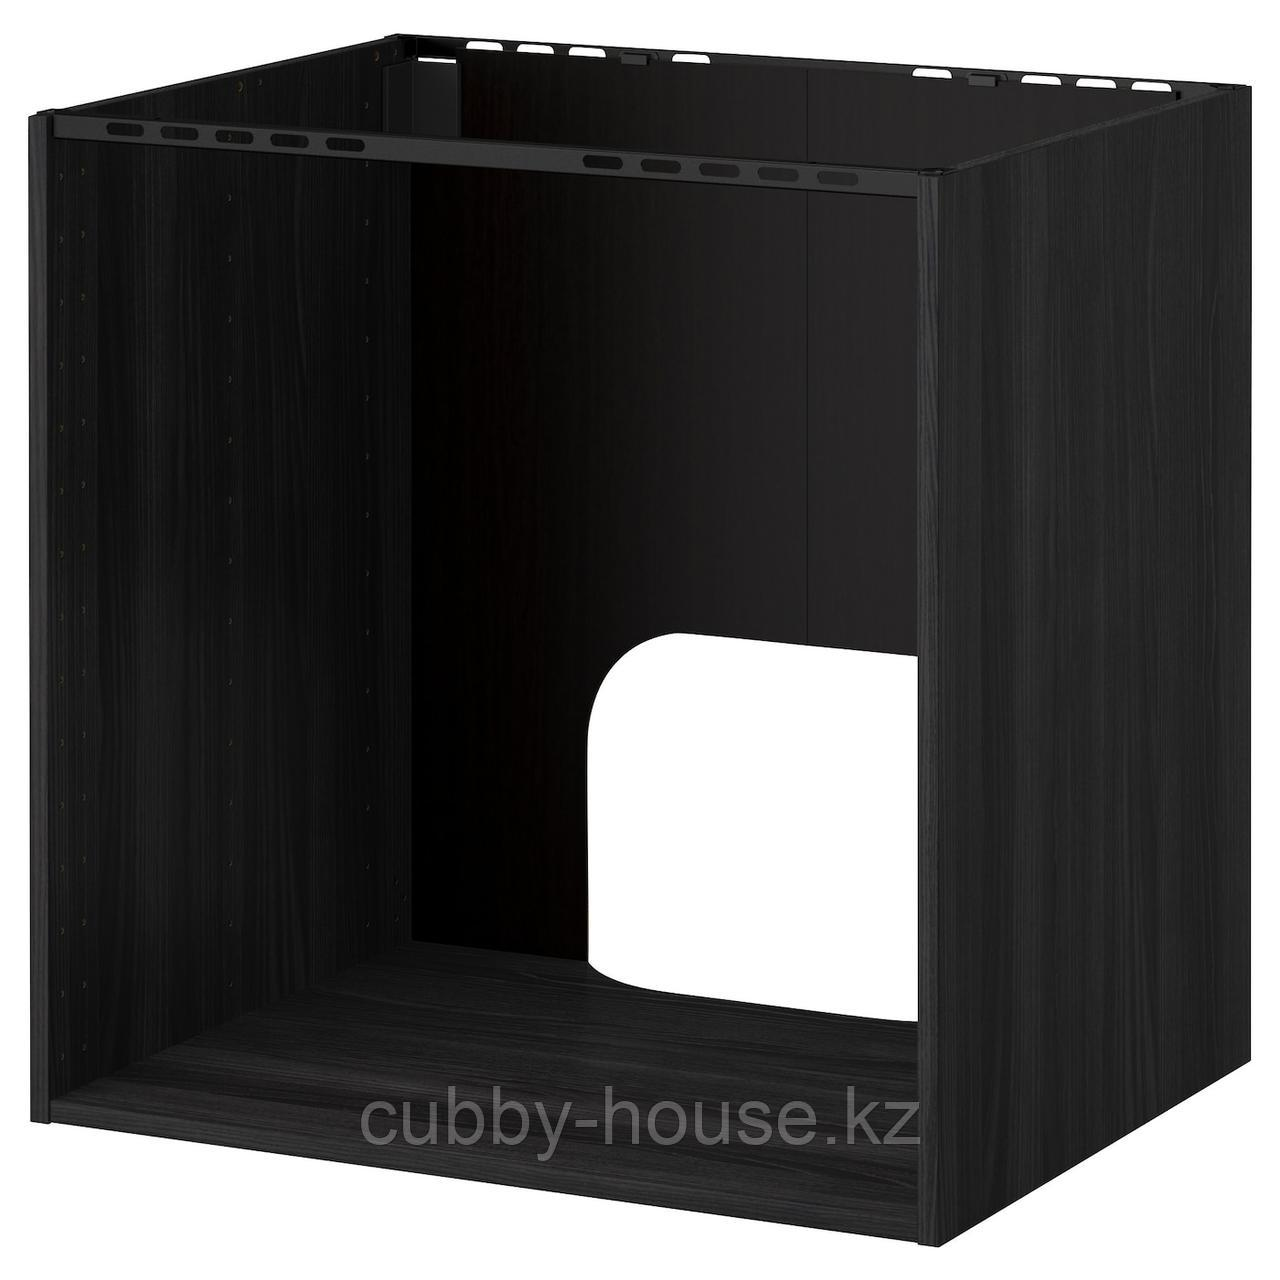 МЕТОД Напольный шкаф д/встр духовки/мойки, белый, 80x60x80 см - фото 1